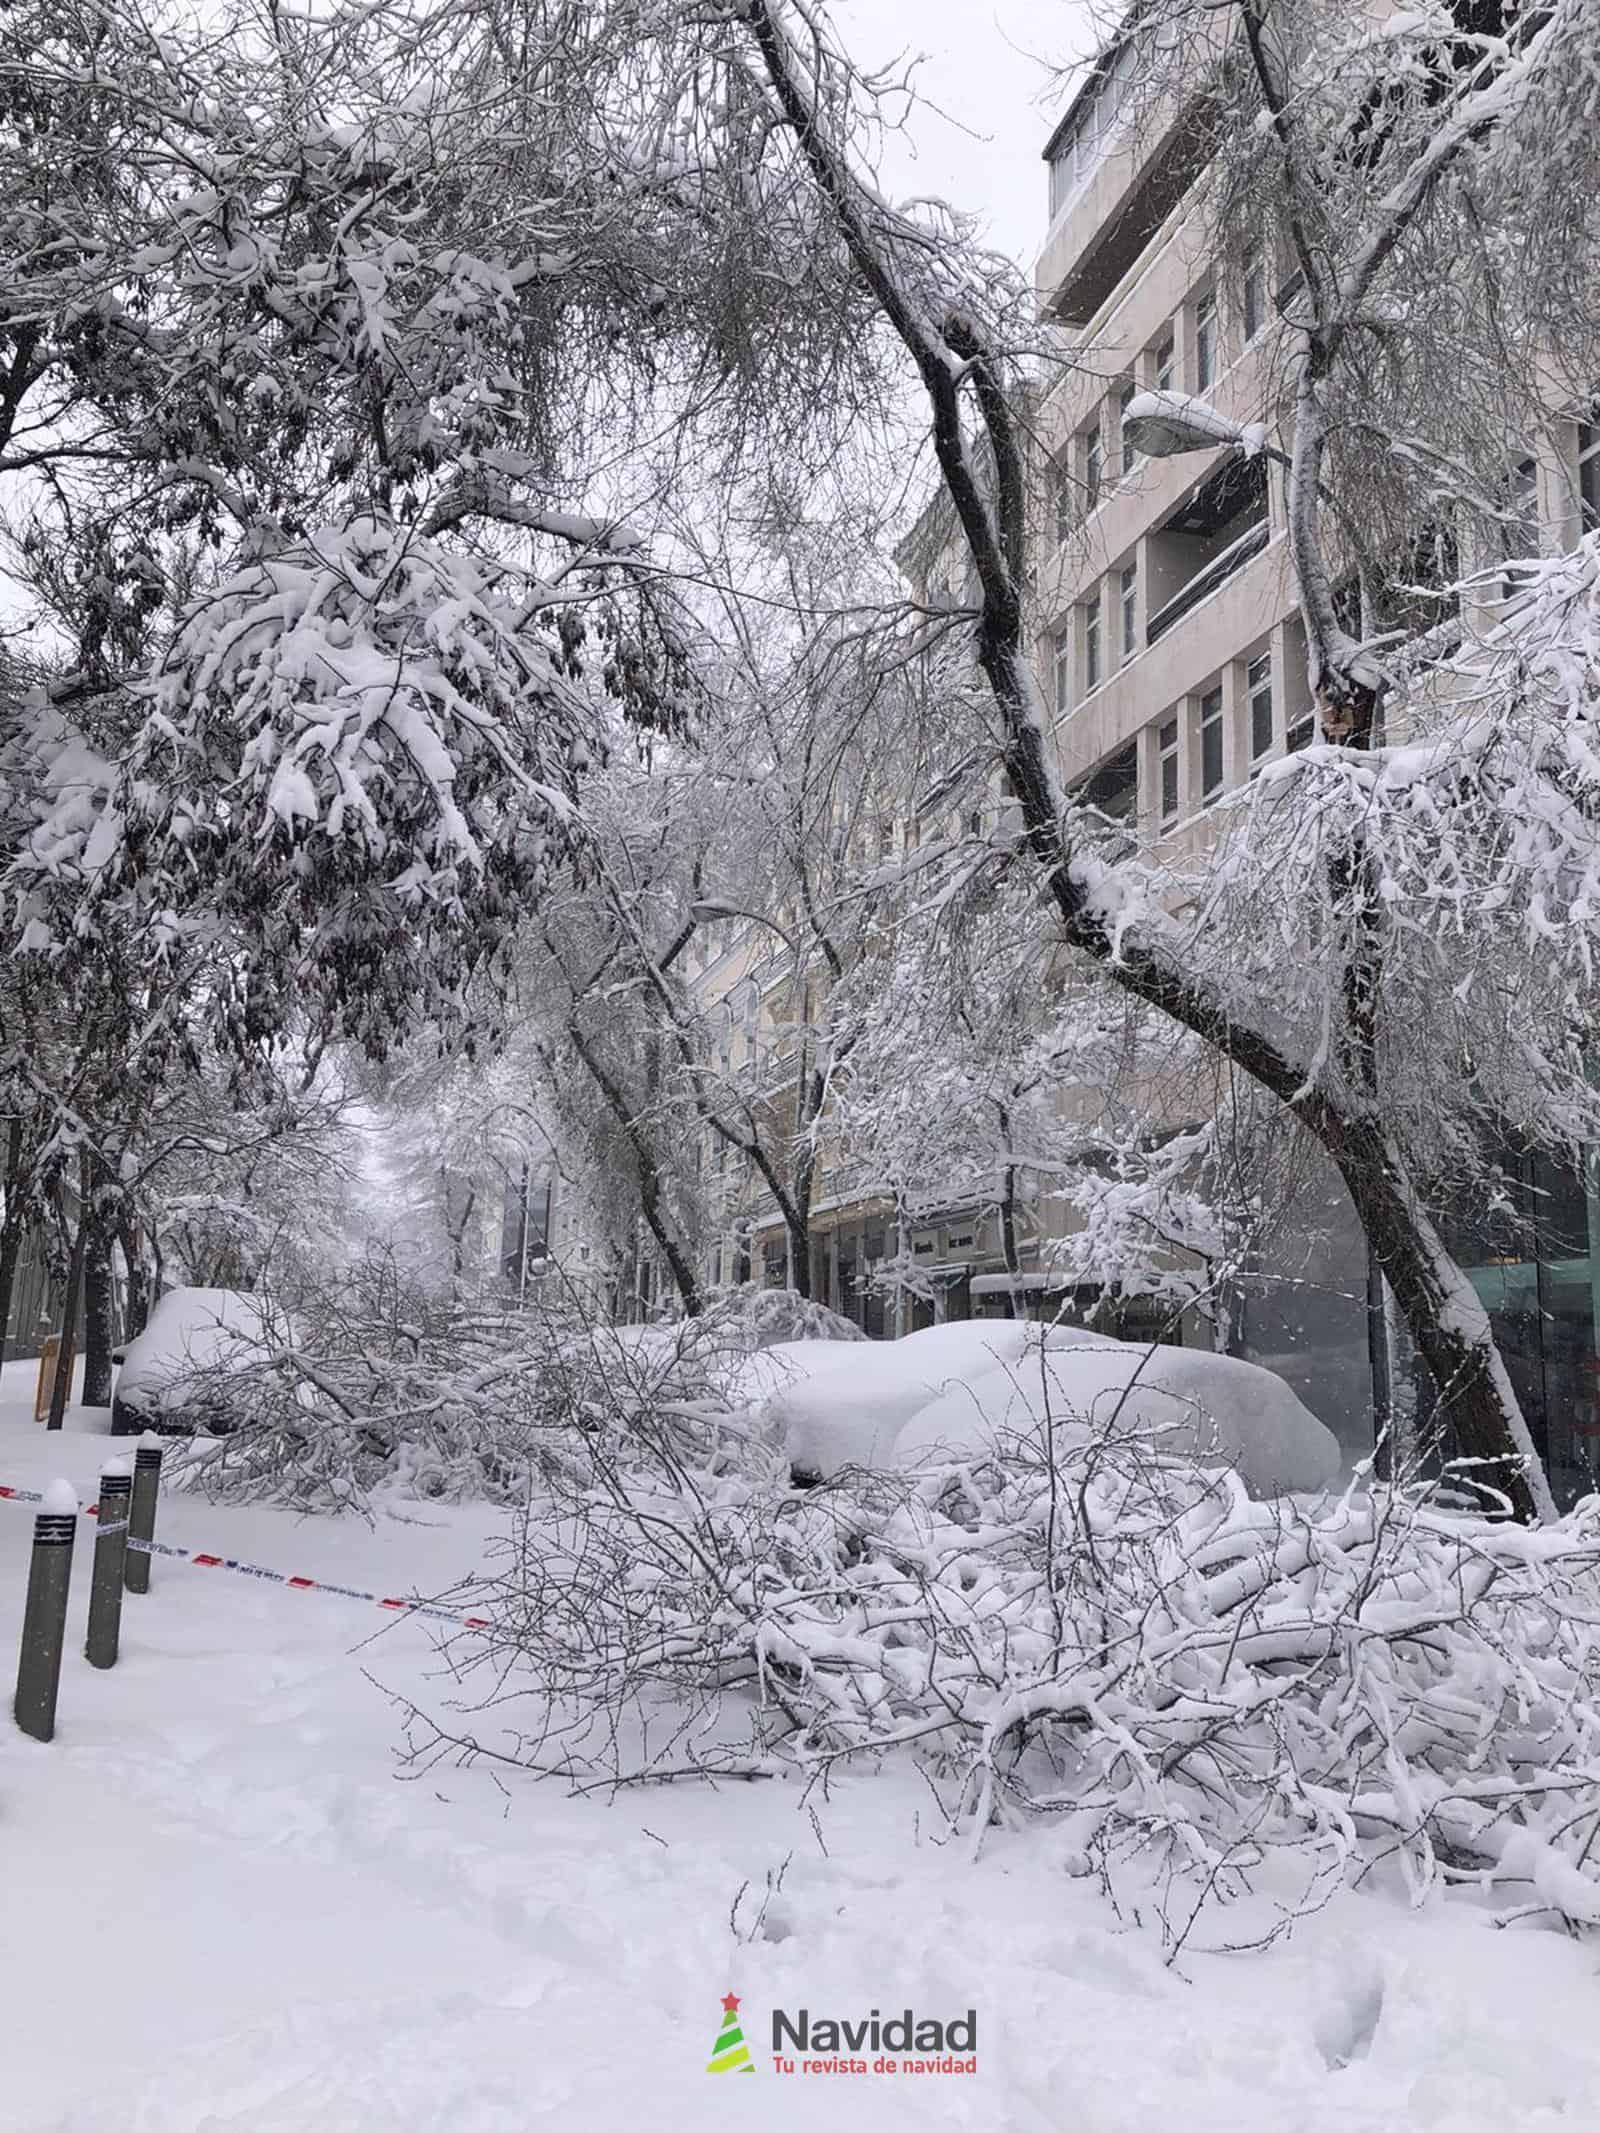 Fotografías de la nevada de enero en Madrid (España) 77